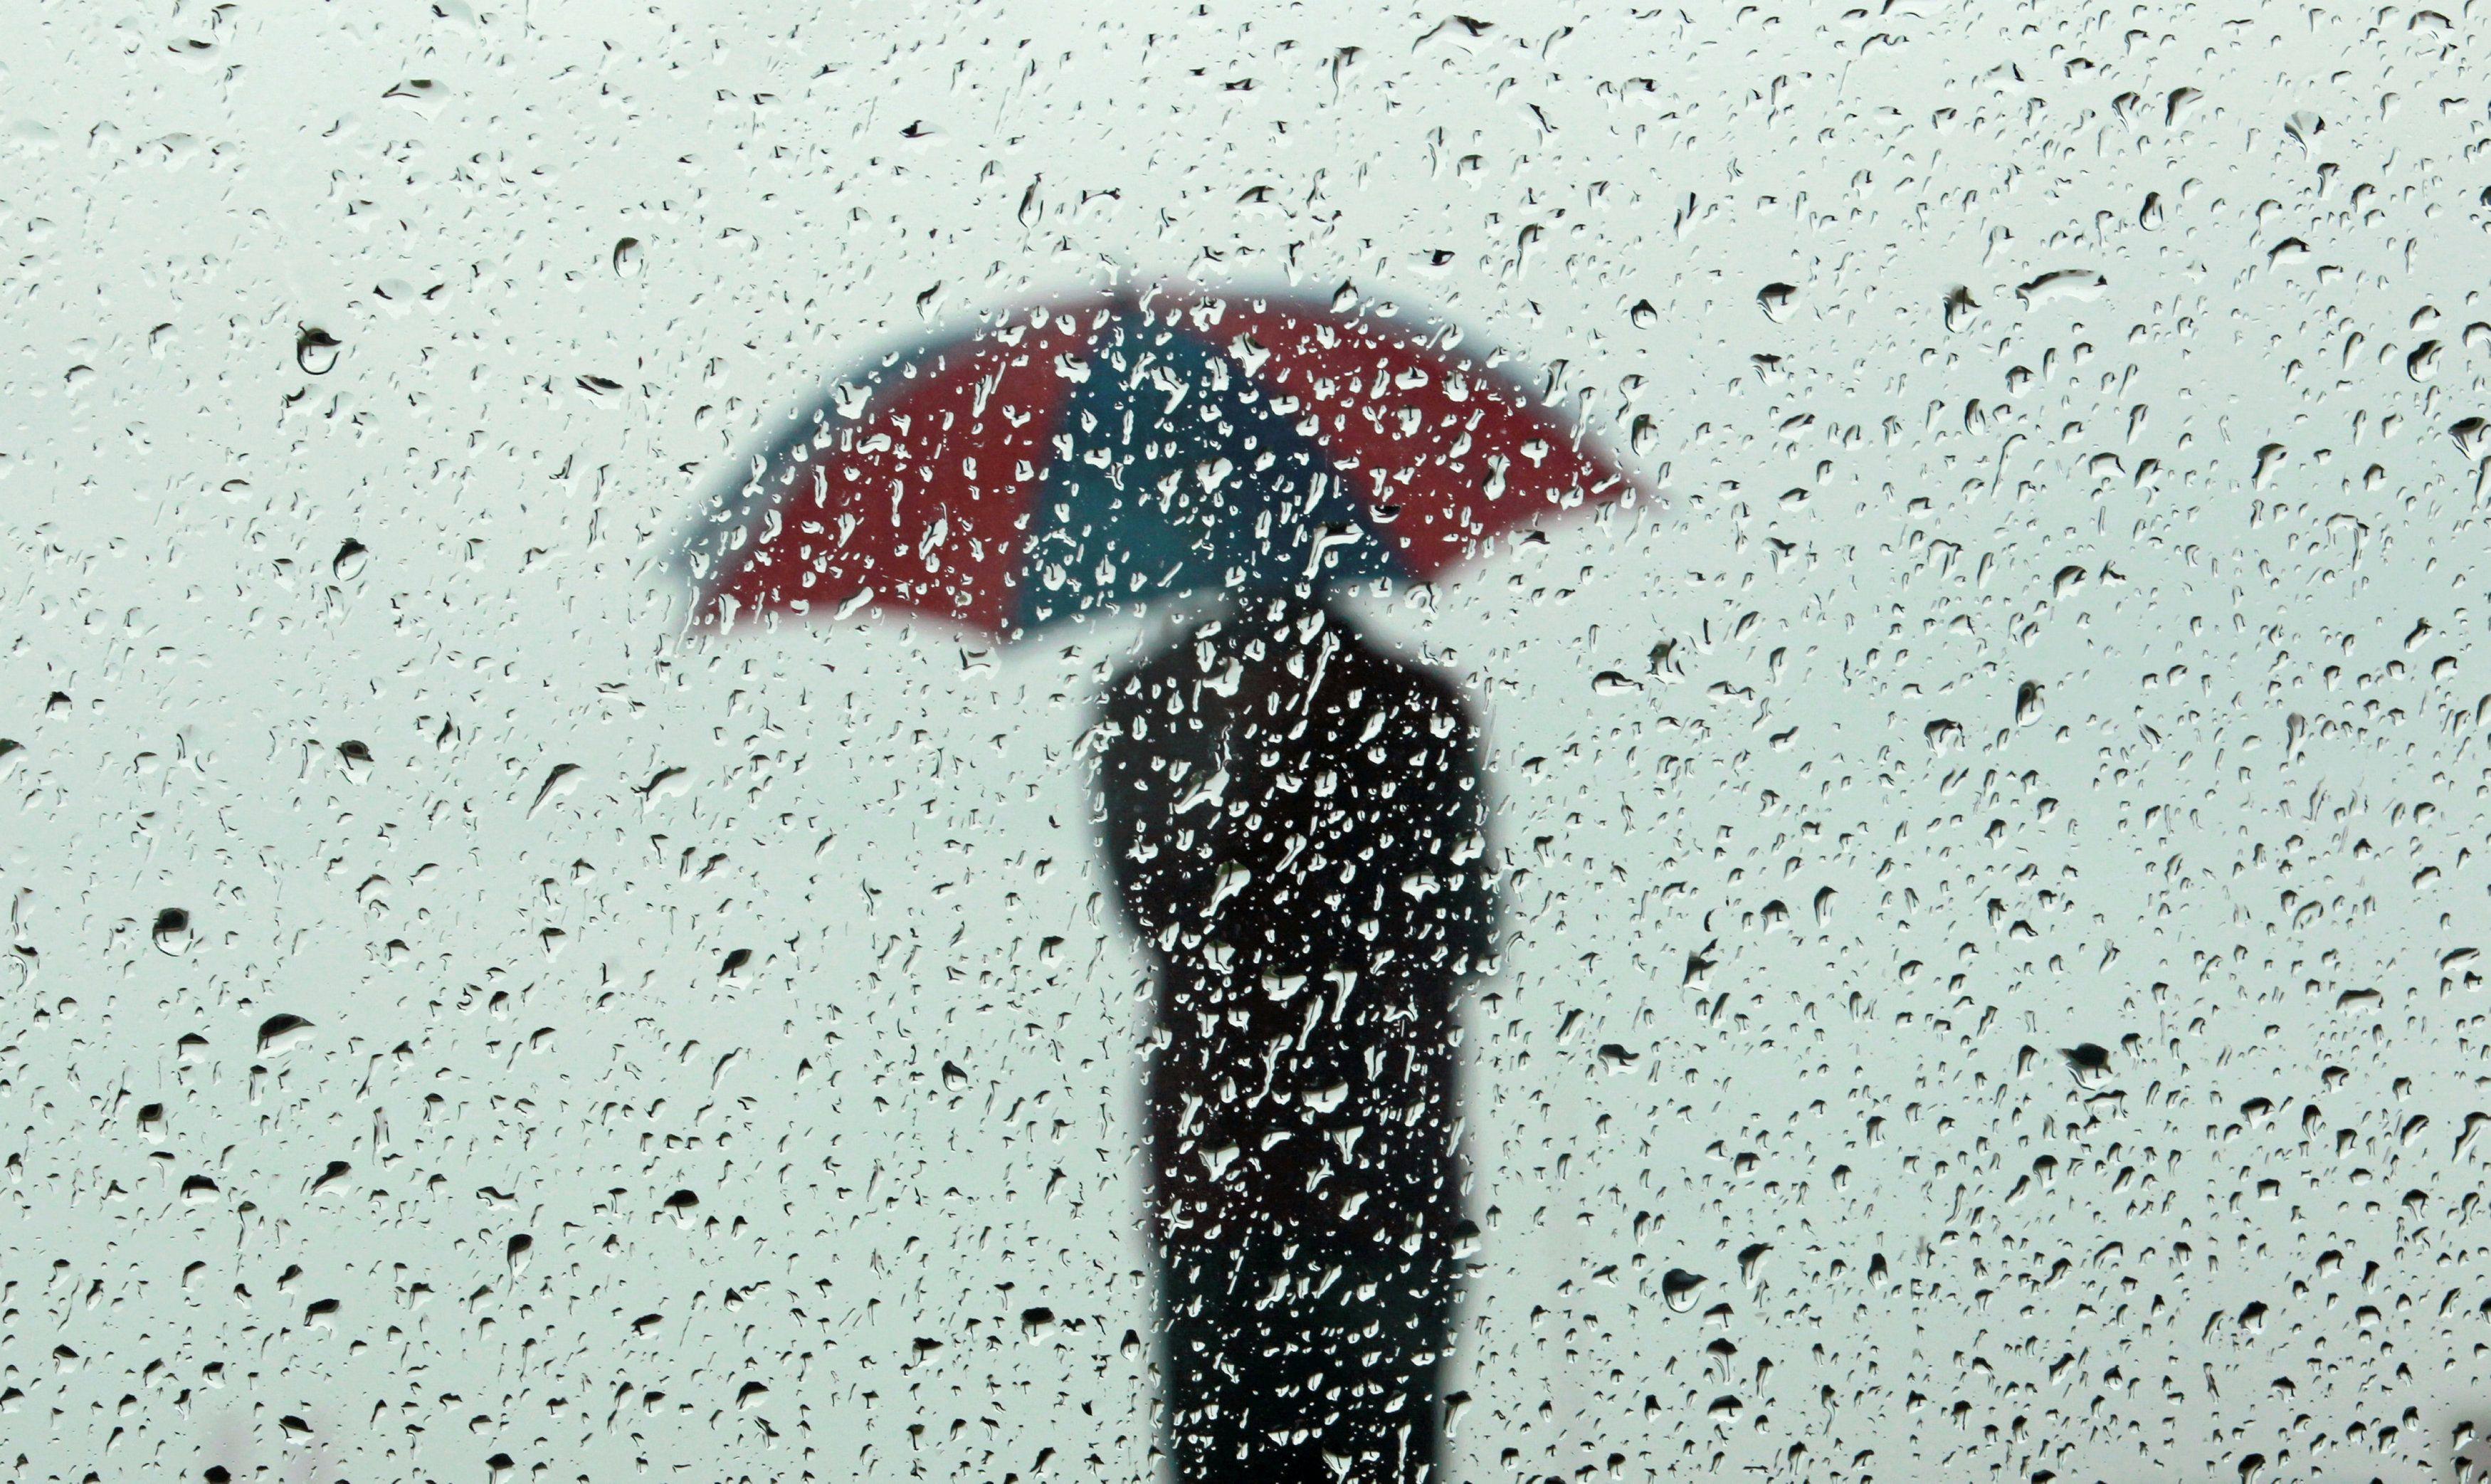 Синоптик - погода в Украине сегодня подарила штормовое предупреждение